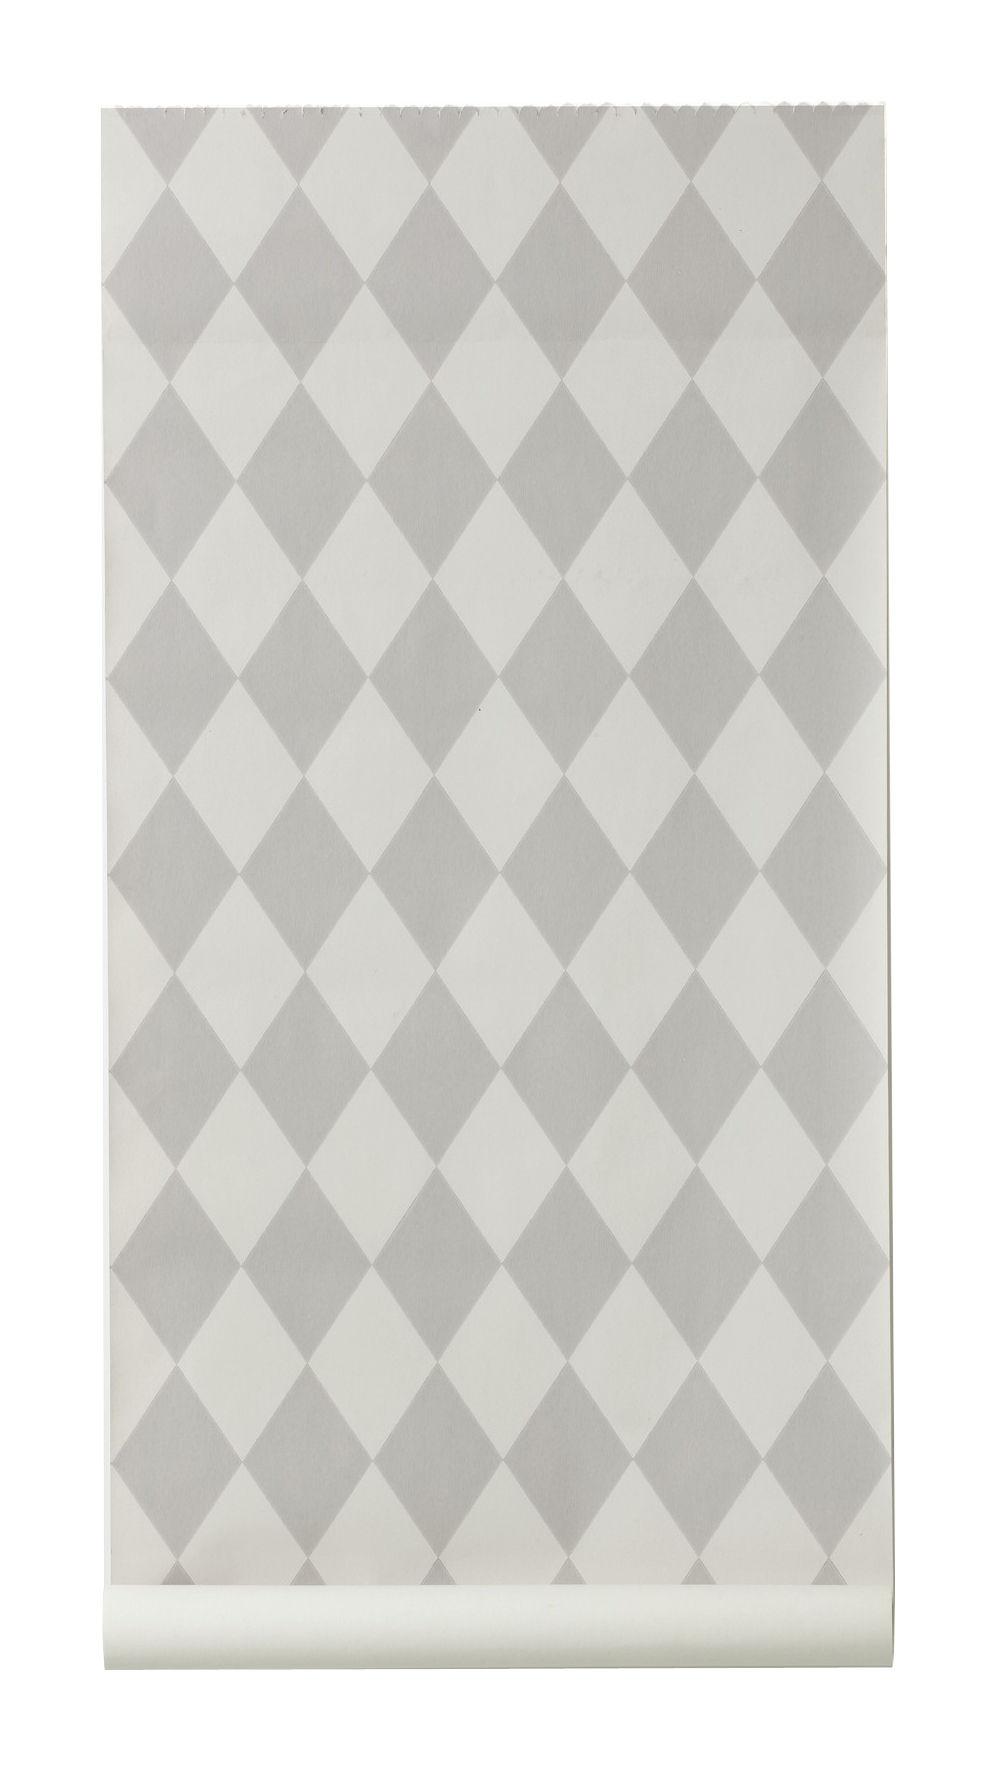 Déco - Stickers, papiers peints & posters - Papier peint Harlequin / 1 rouleau - Larg 53 cm - Ferm Living - Gris & gris clair - Toile intissée